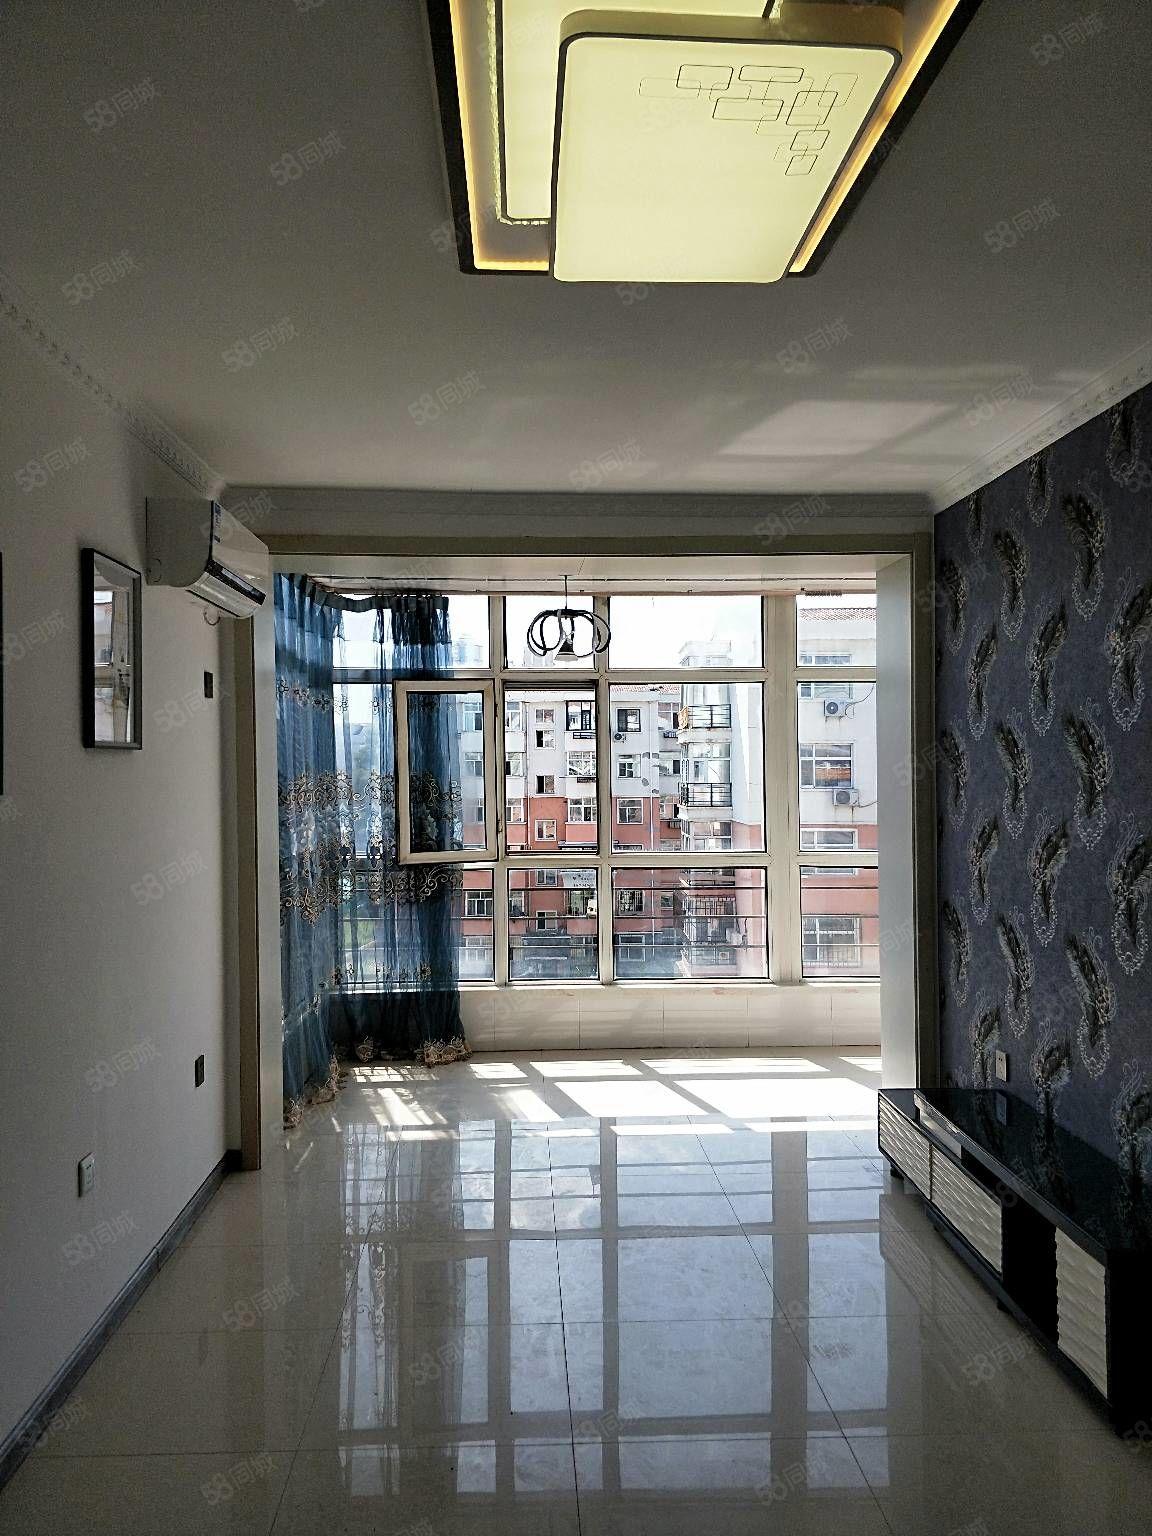 鴻福家園,正五樓,三陽格局落地窗才光好,大南明廳,精裝修!